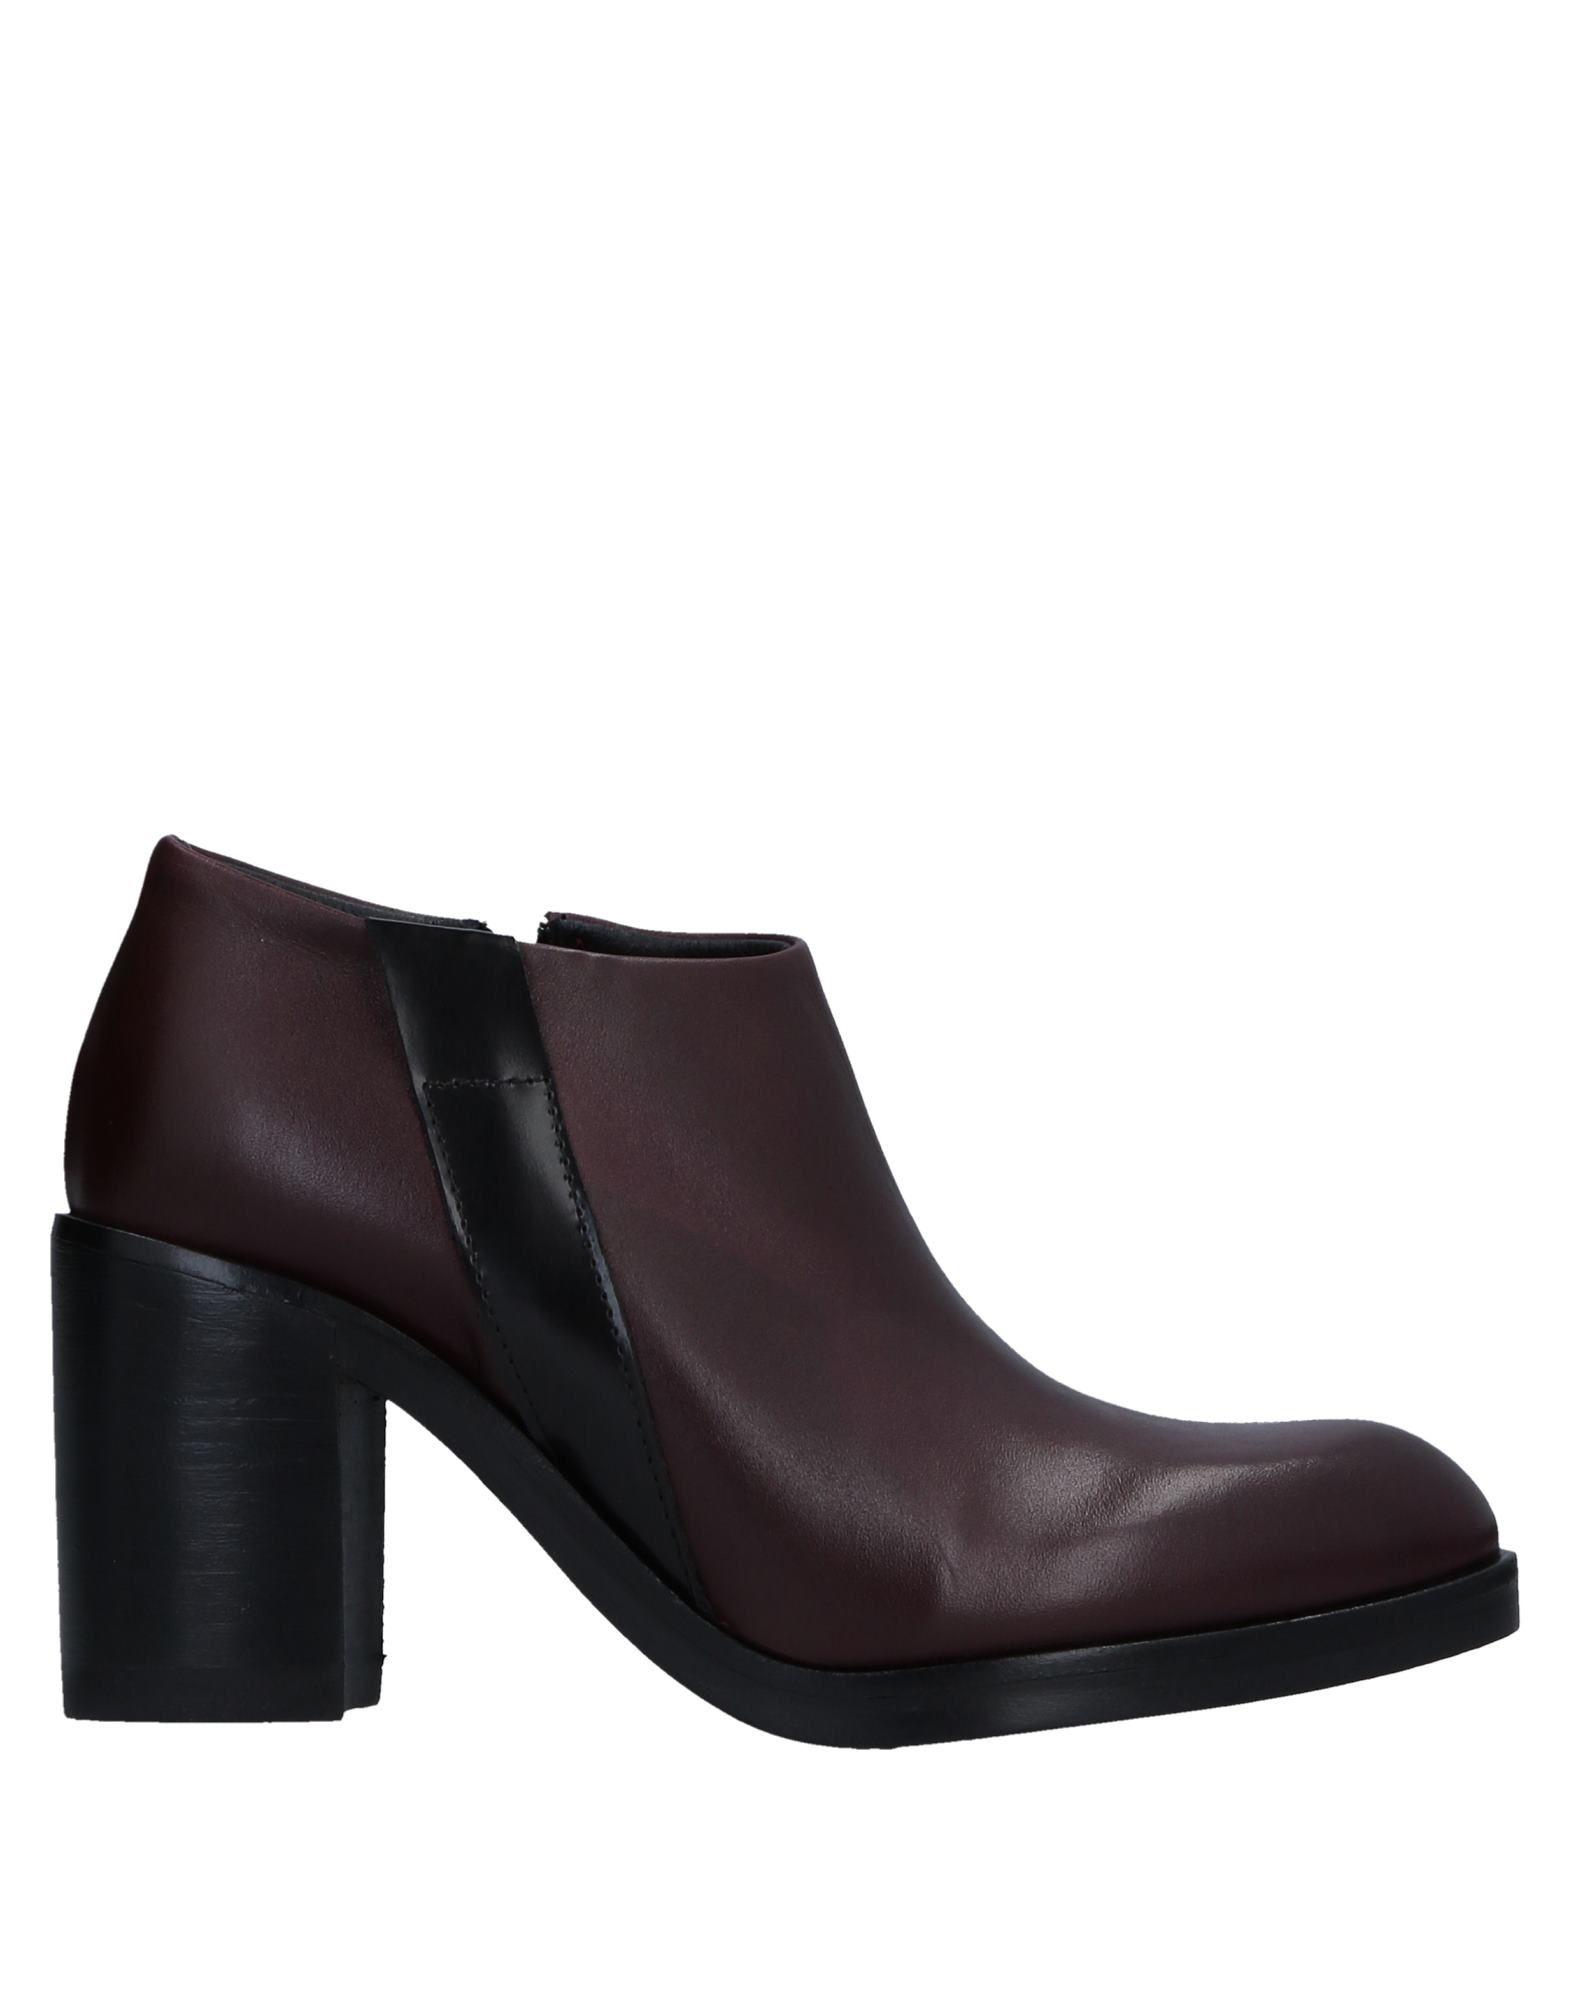 Lilimill Stiefelette Damen  11523785XP Gute Qualität beliebte Schuhe